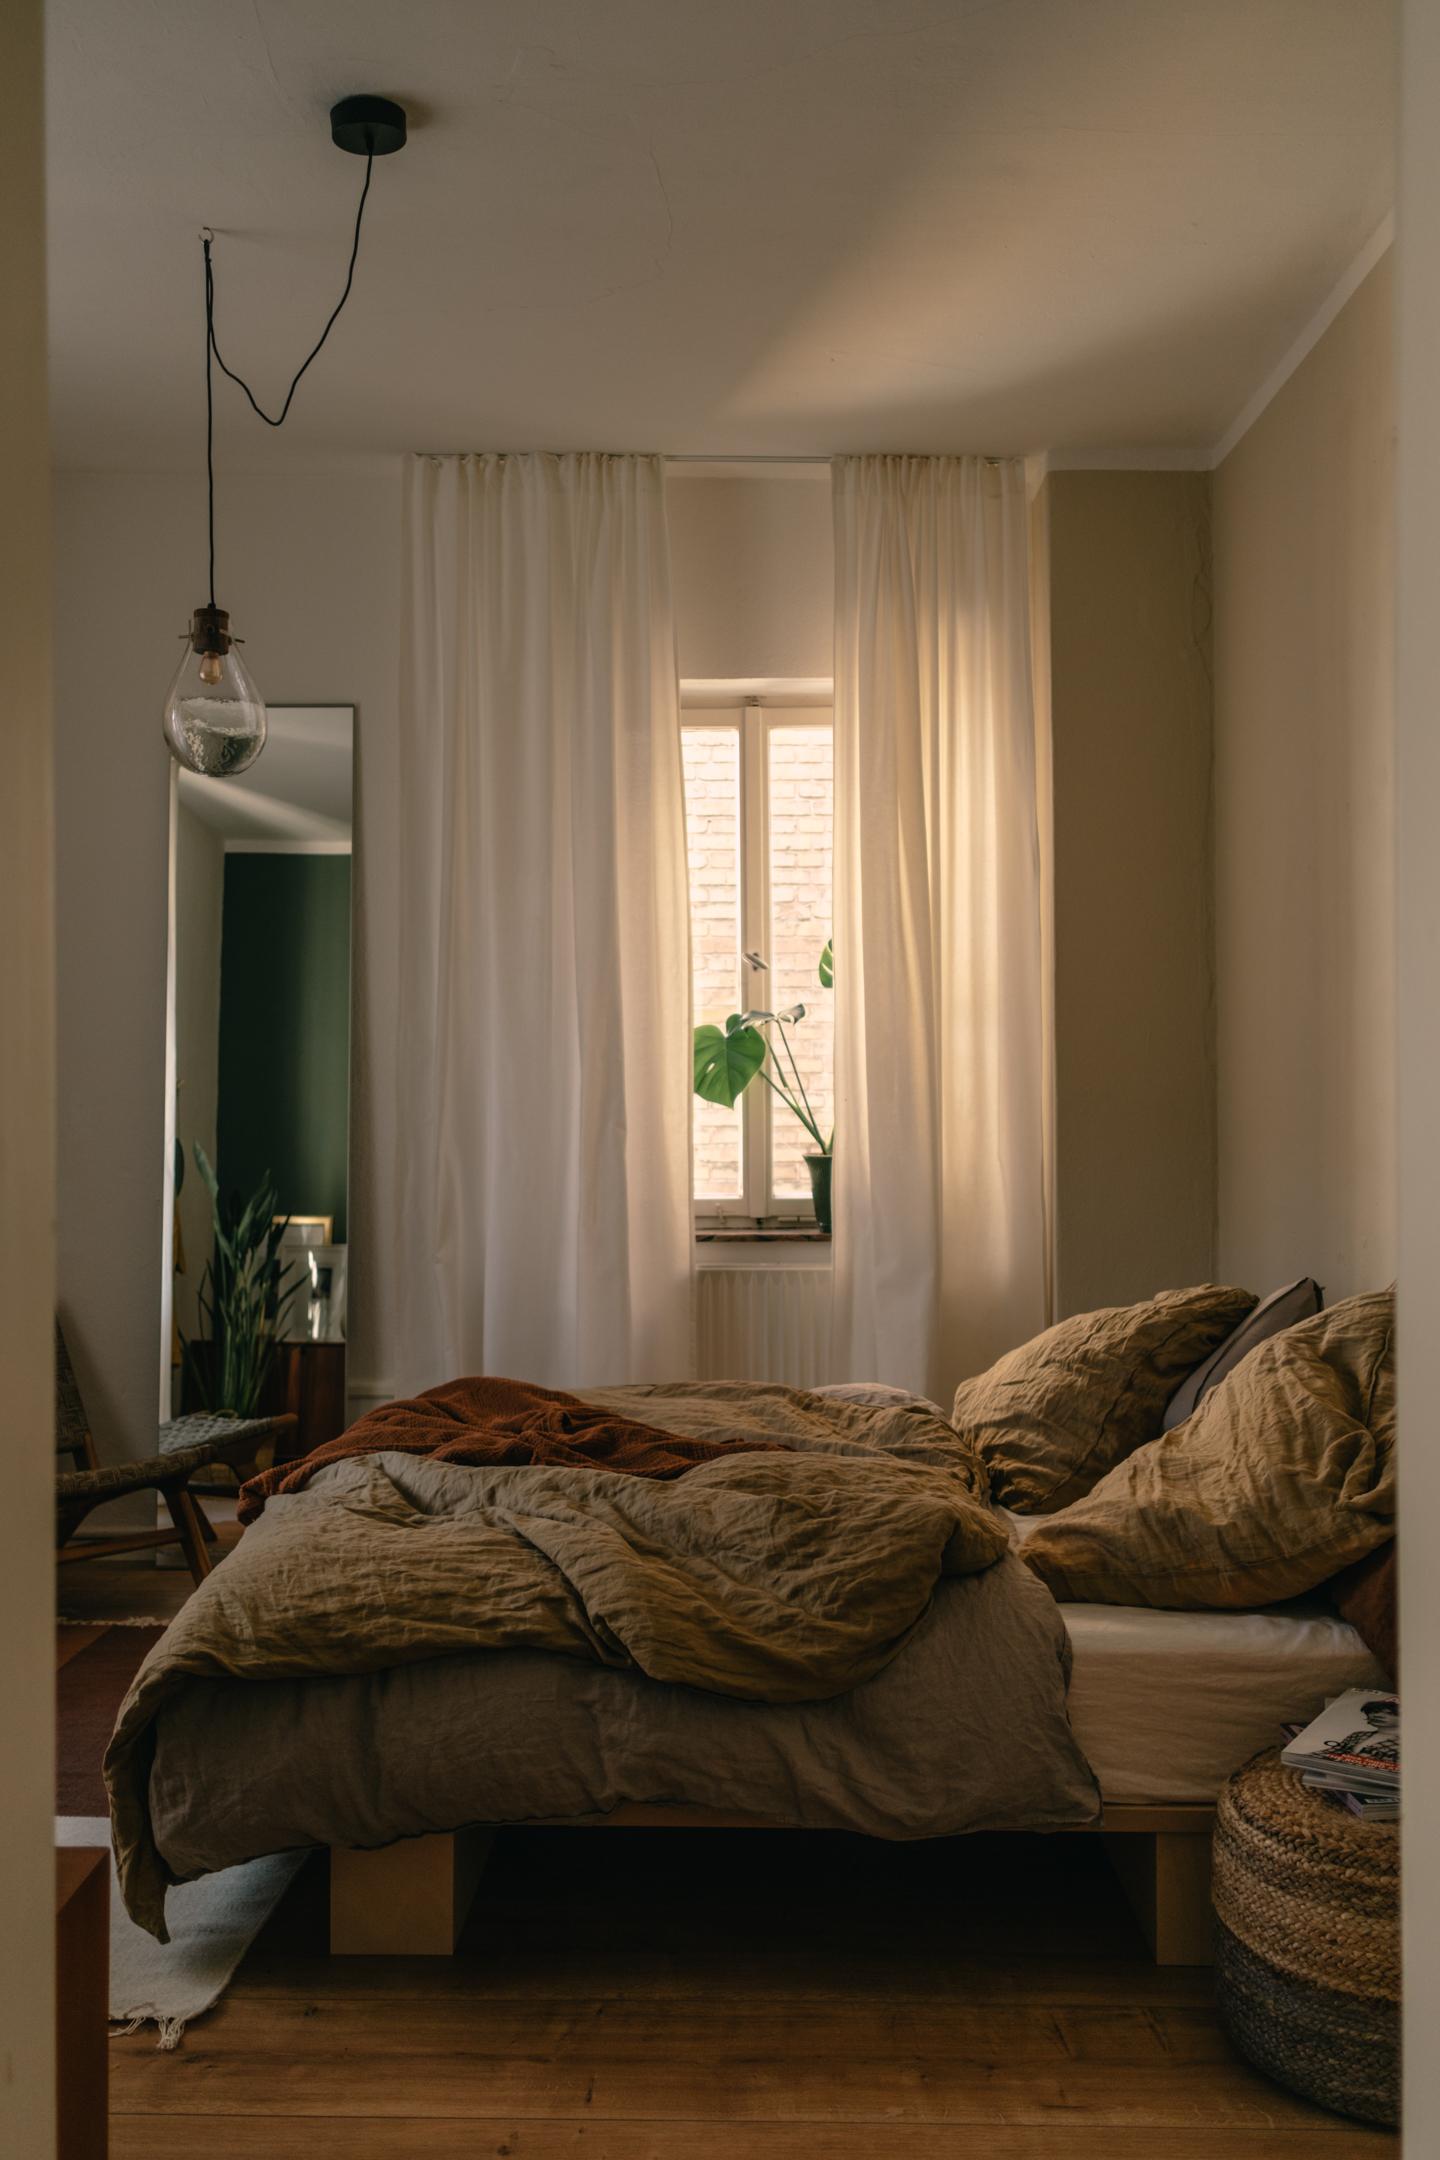 Full Size of Betten München The Lins Interior Blog Deutschland Mnnerblog Stuttgart Mnchen De Günstig Kaufen Hohe 120x200 Paradies Kinder 100x200 Moebel Günstige 140x200 Bett Betten München